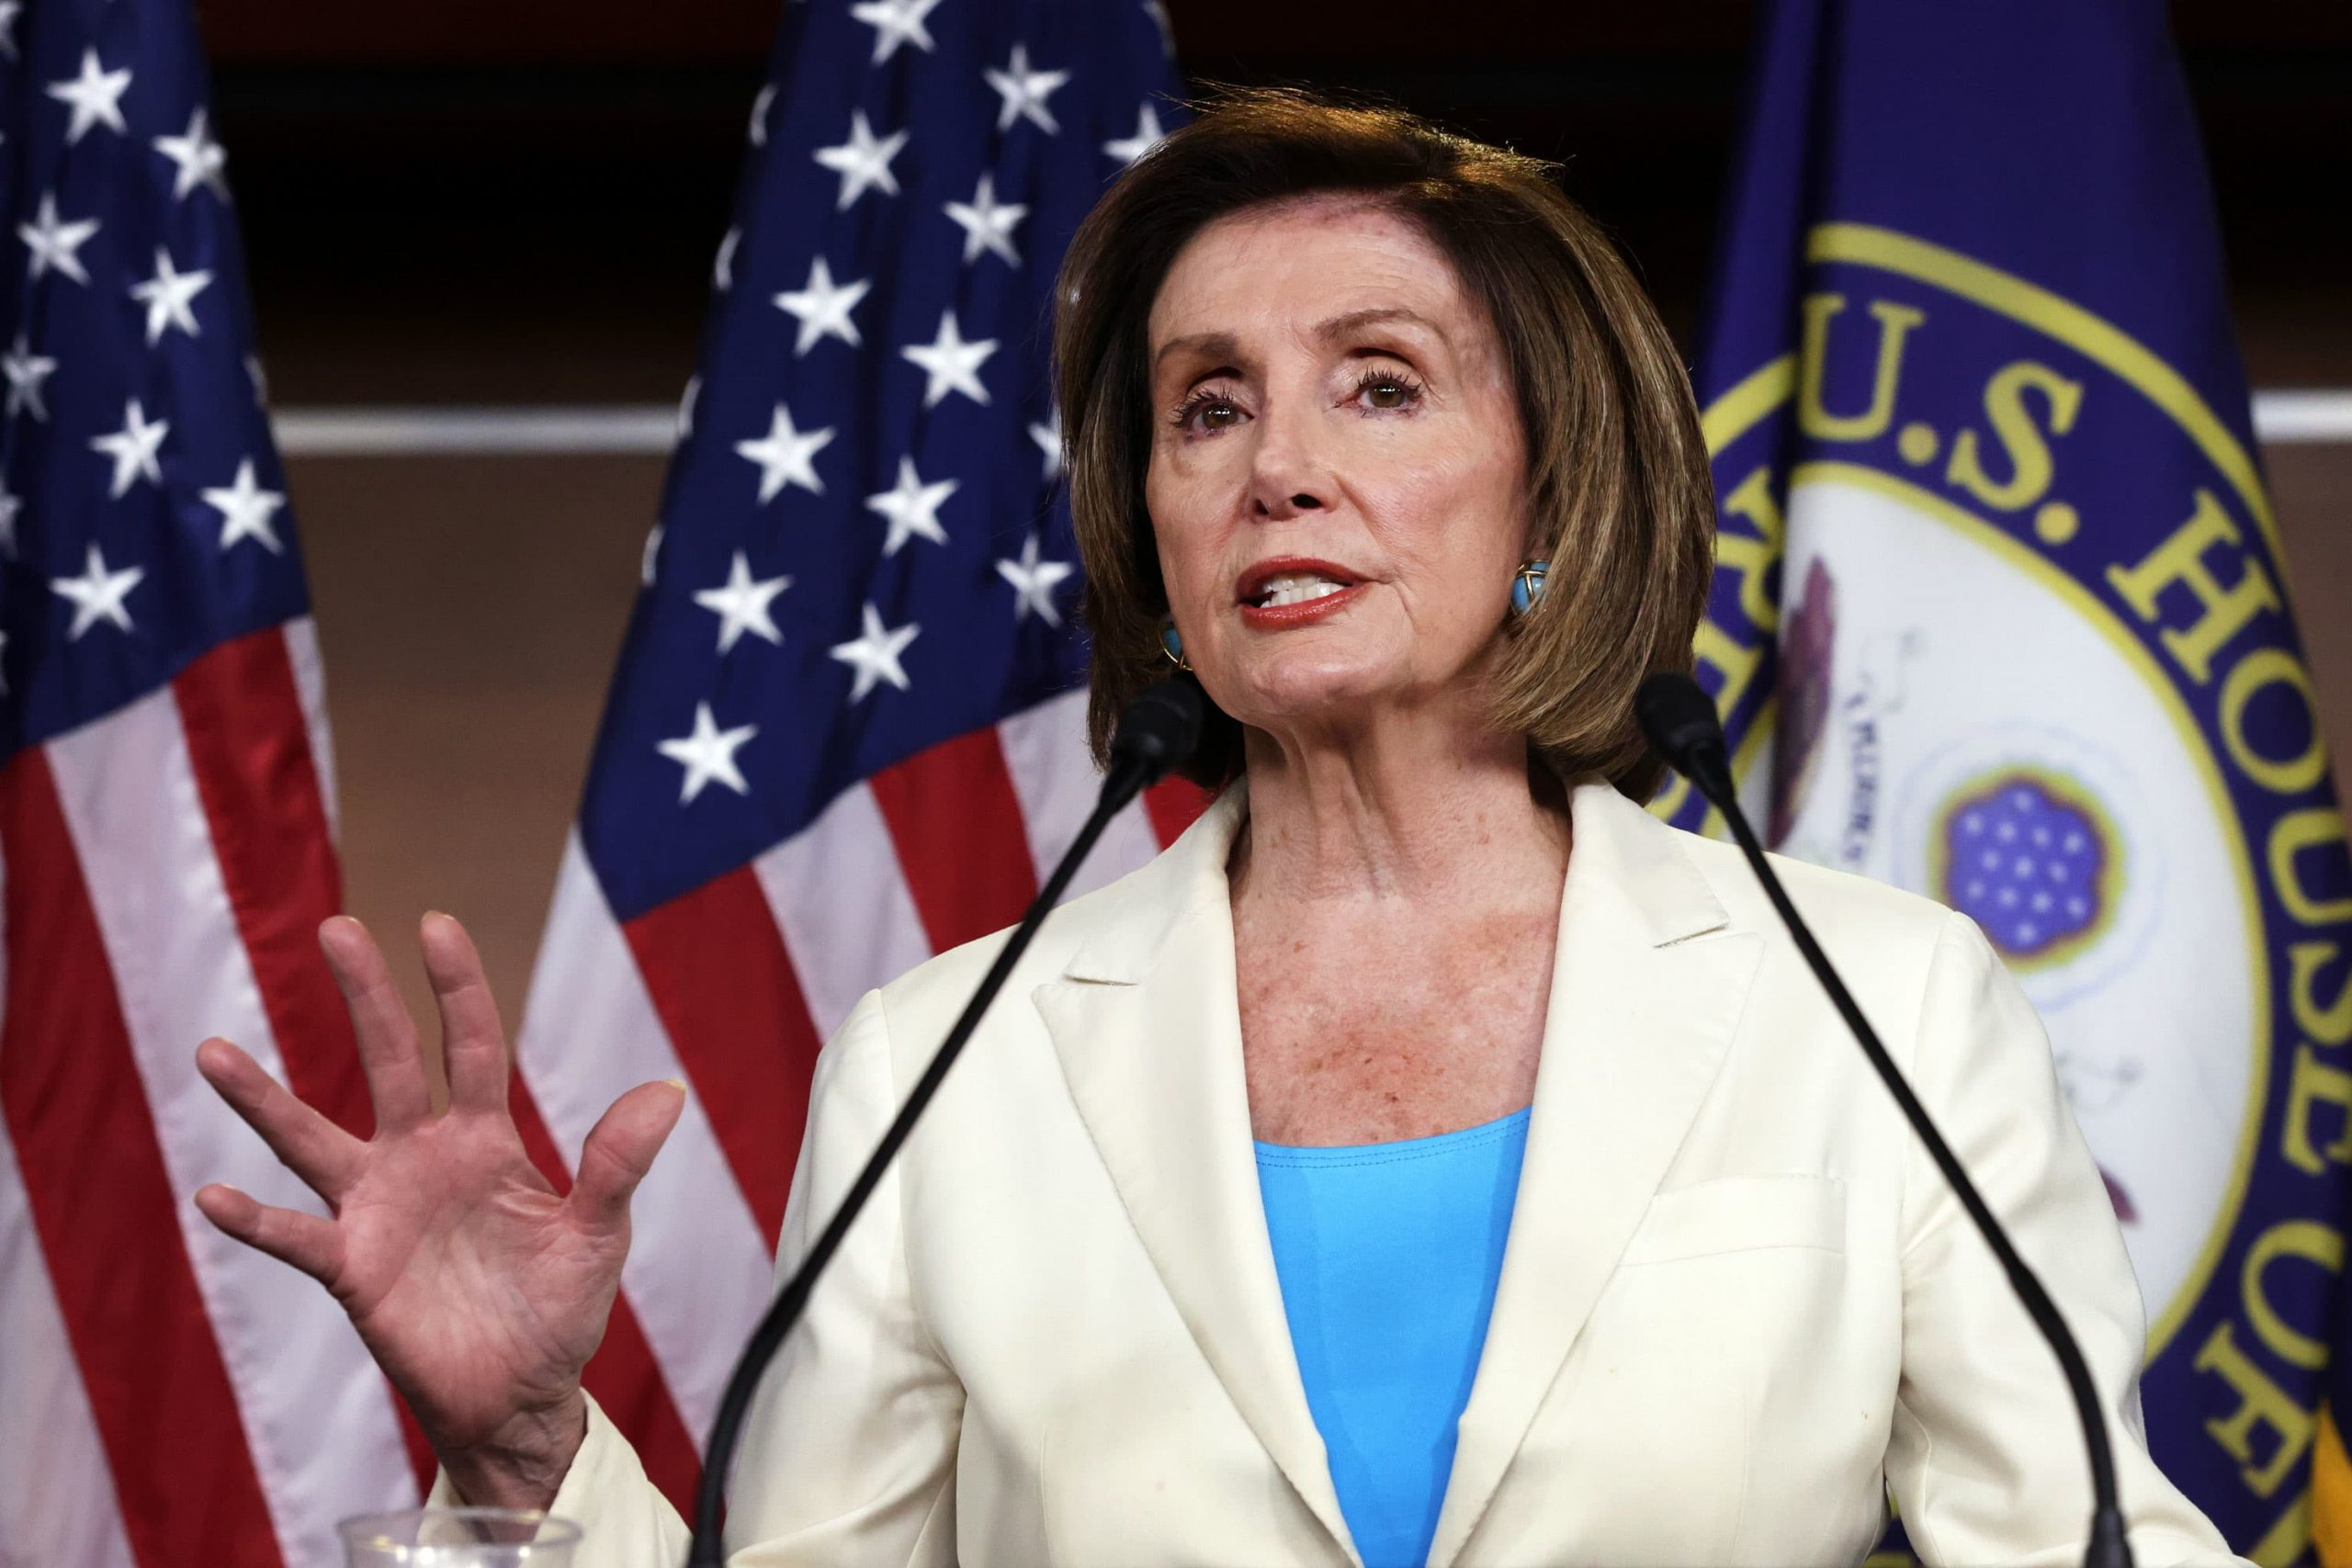 McCarthy amenaza con sacar a los miembros del Partido Republicano del comité de la Cámara de Representantes del 6 de enero después de que Pelosi rechazara a los aliados de Trump, Jordan y Banks